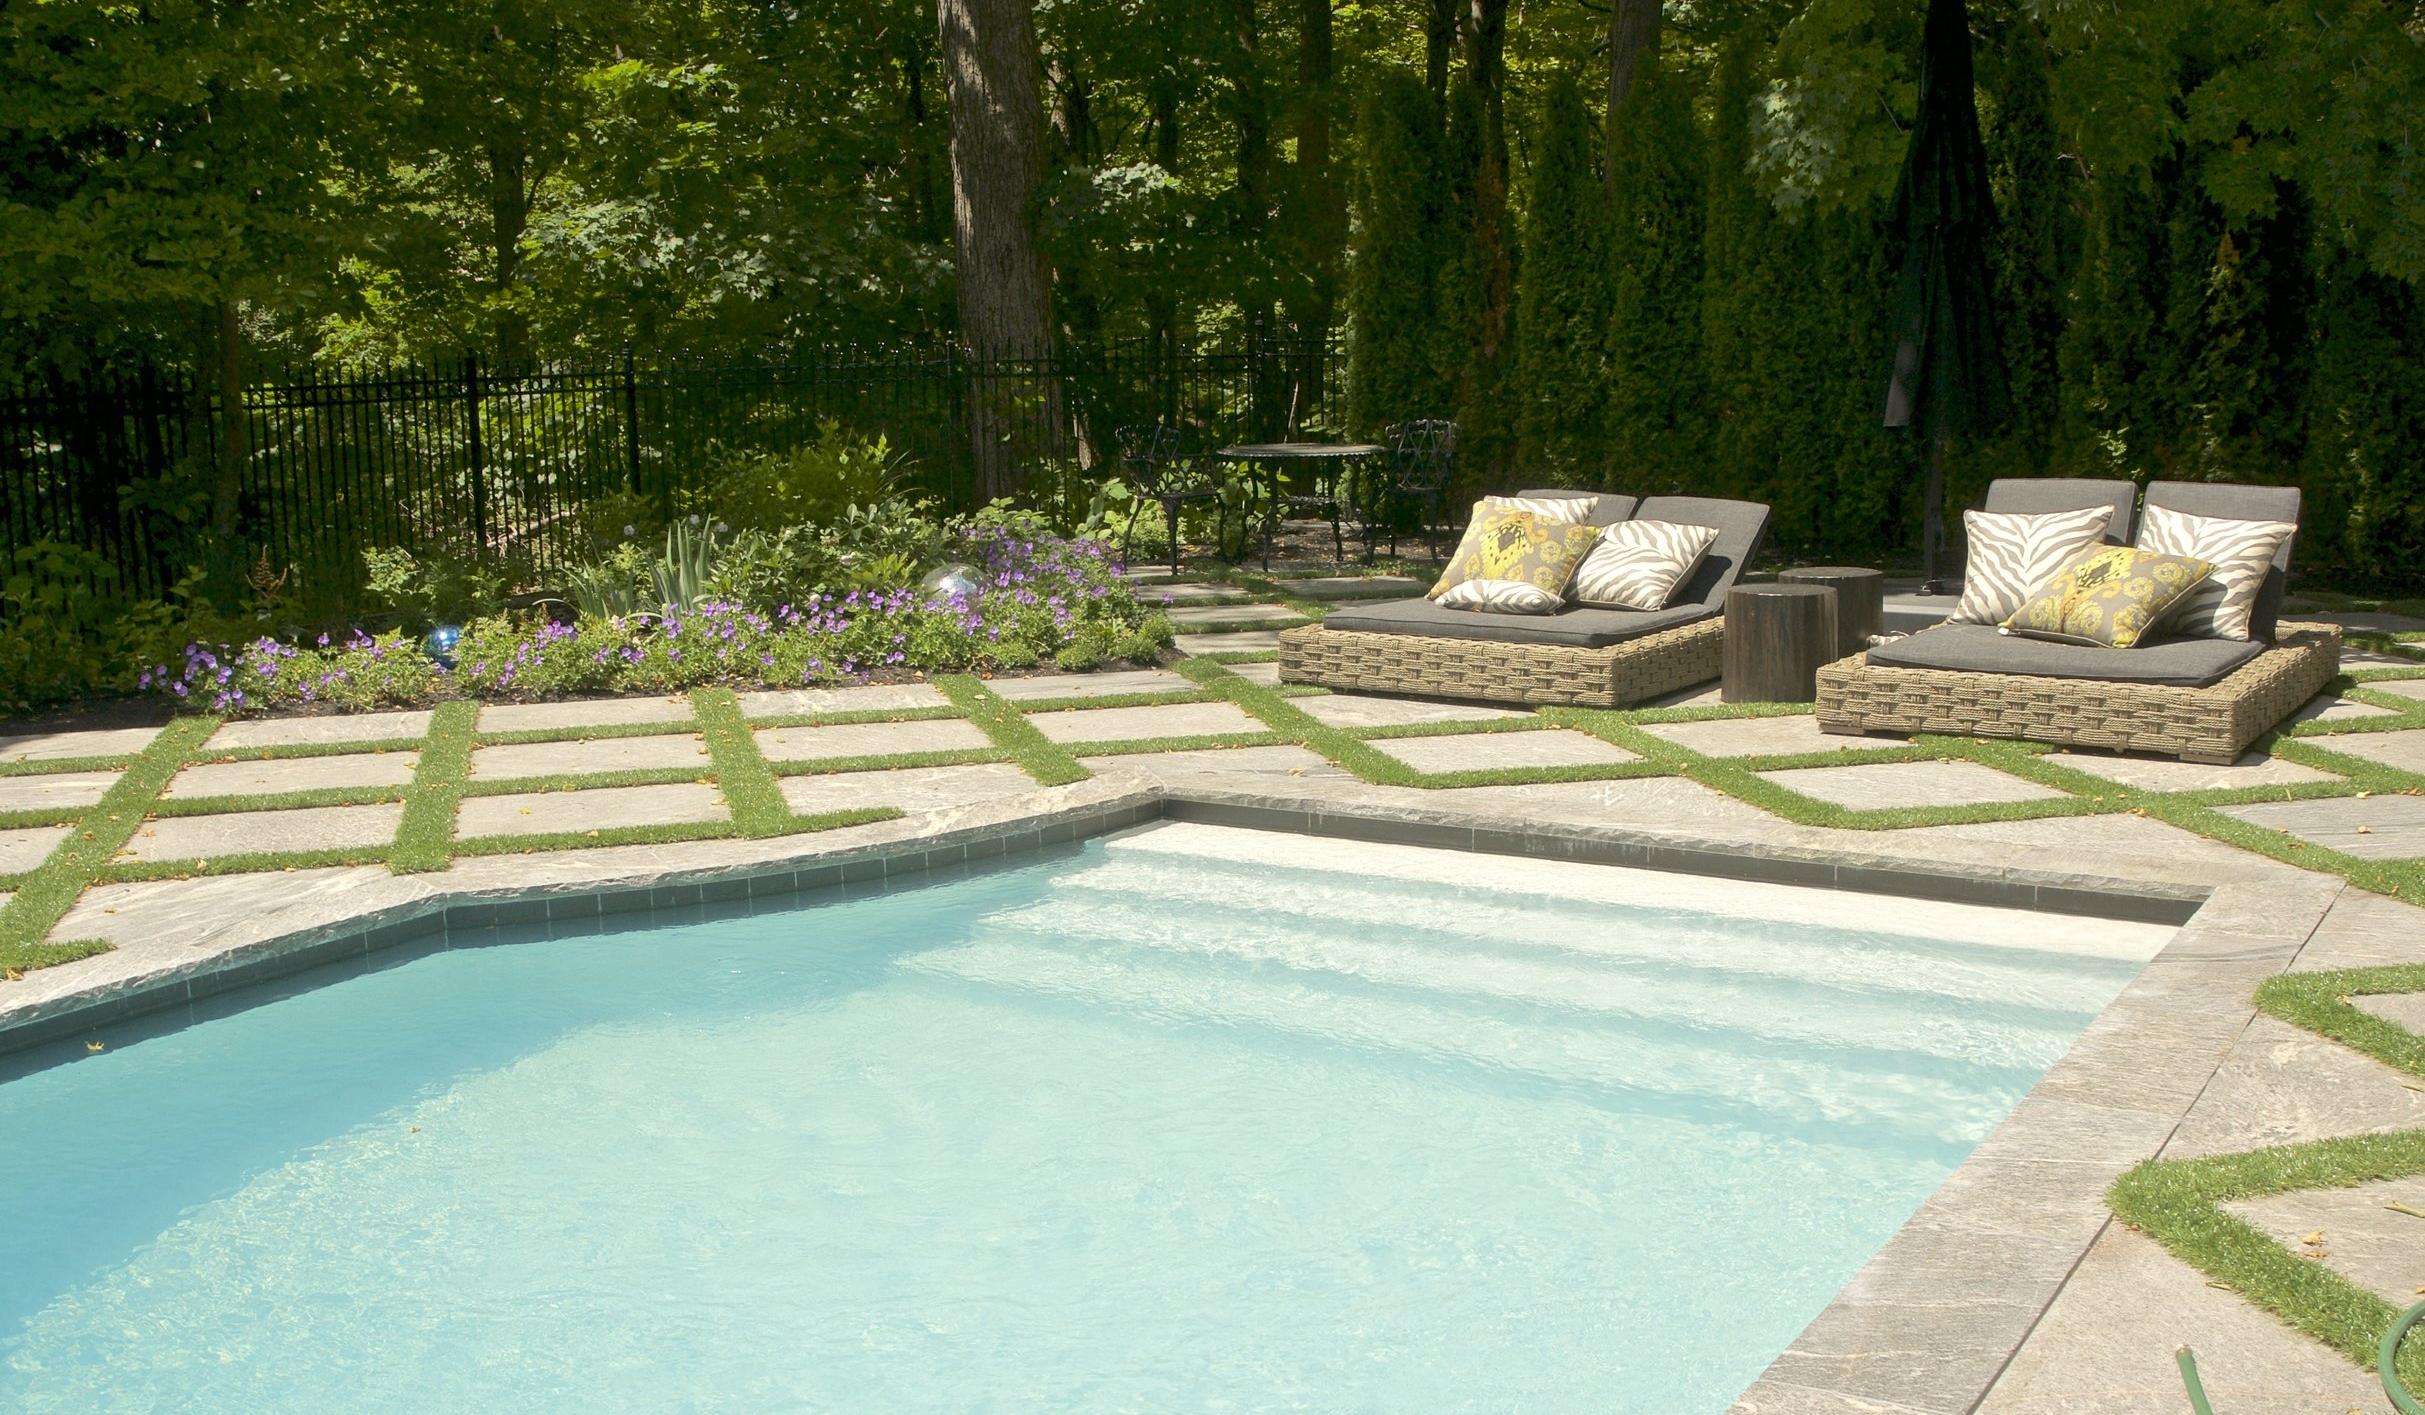 landscaping, custom stonework, artificial turf, granite, toronto, yews, outdoor furniture, pool, trex decking, planting